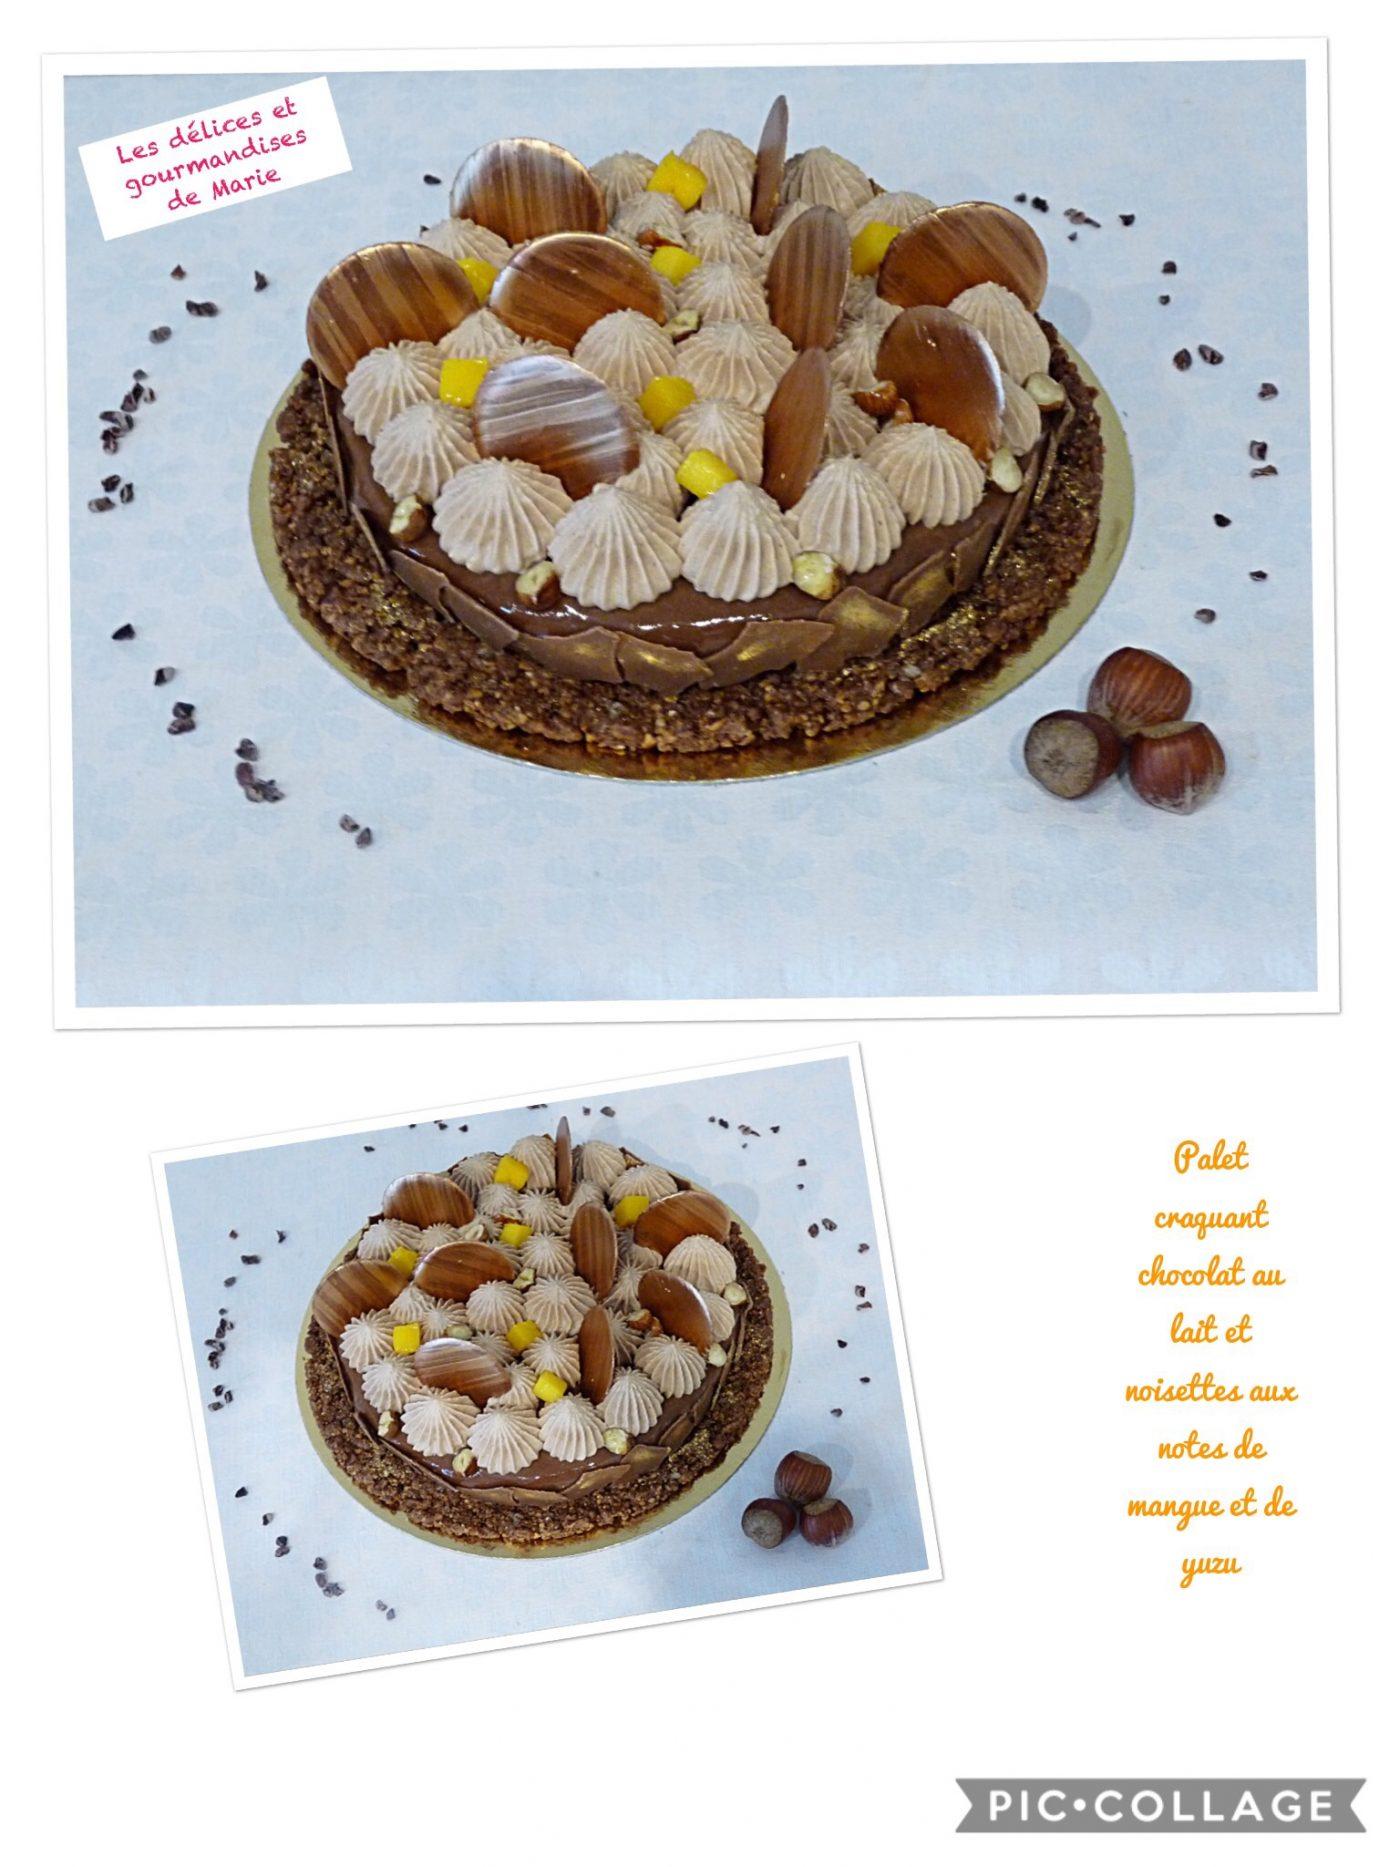 Palet craquant chocolat au lait et noisettes aux notes de mangue et de yuzu